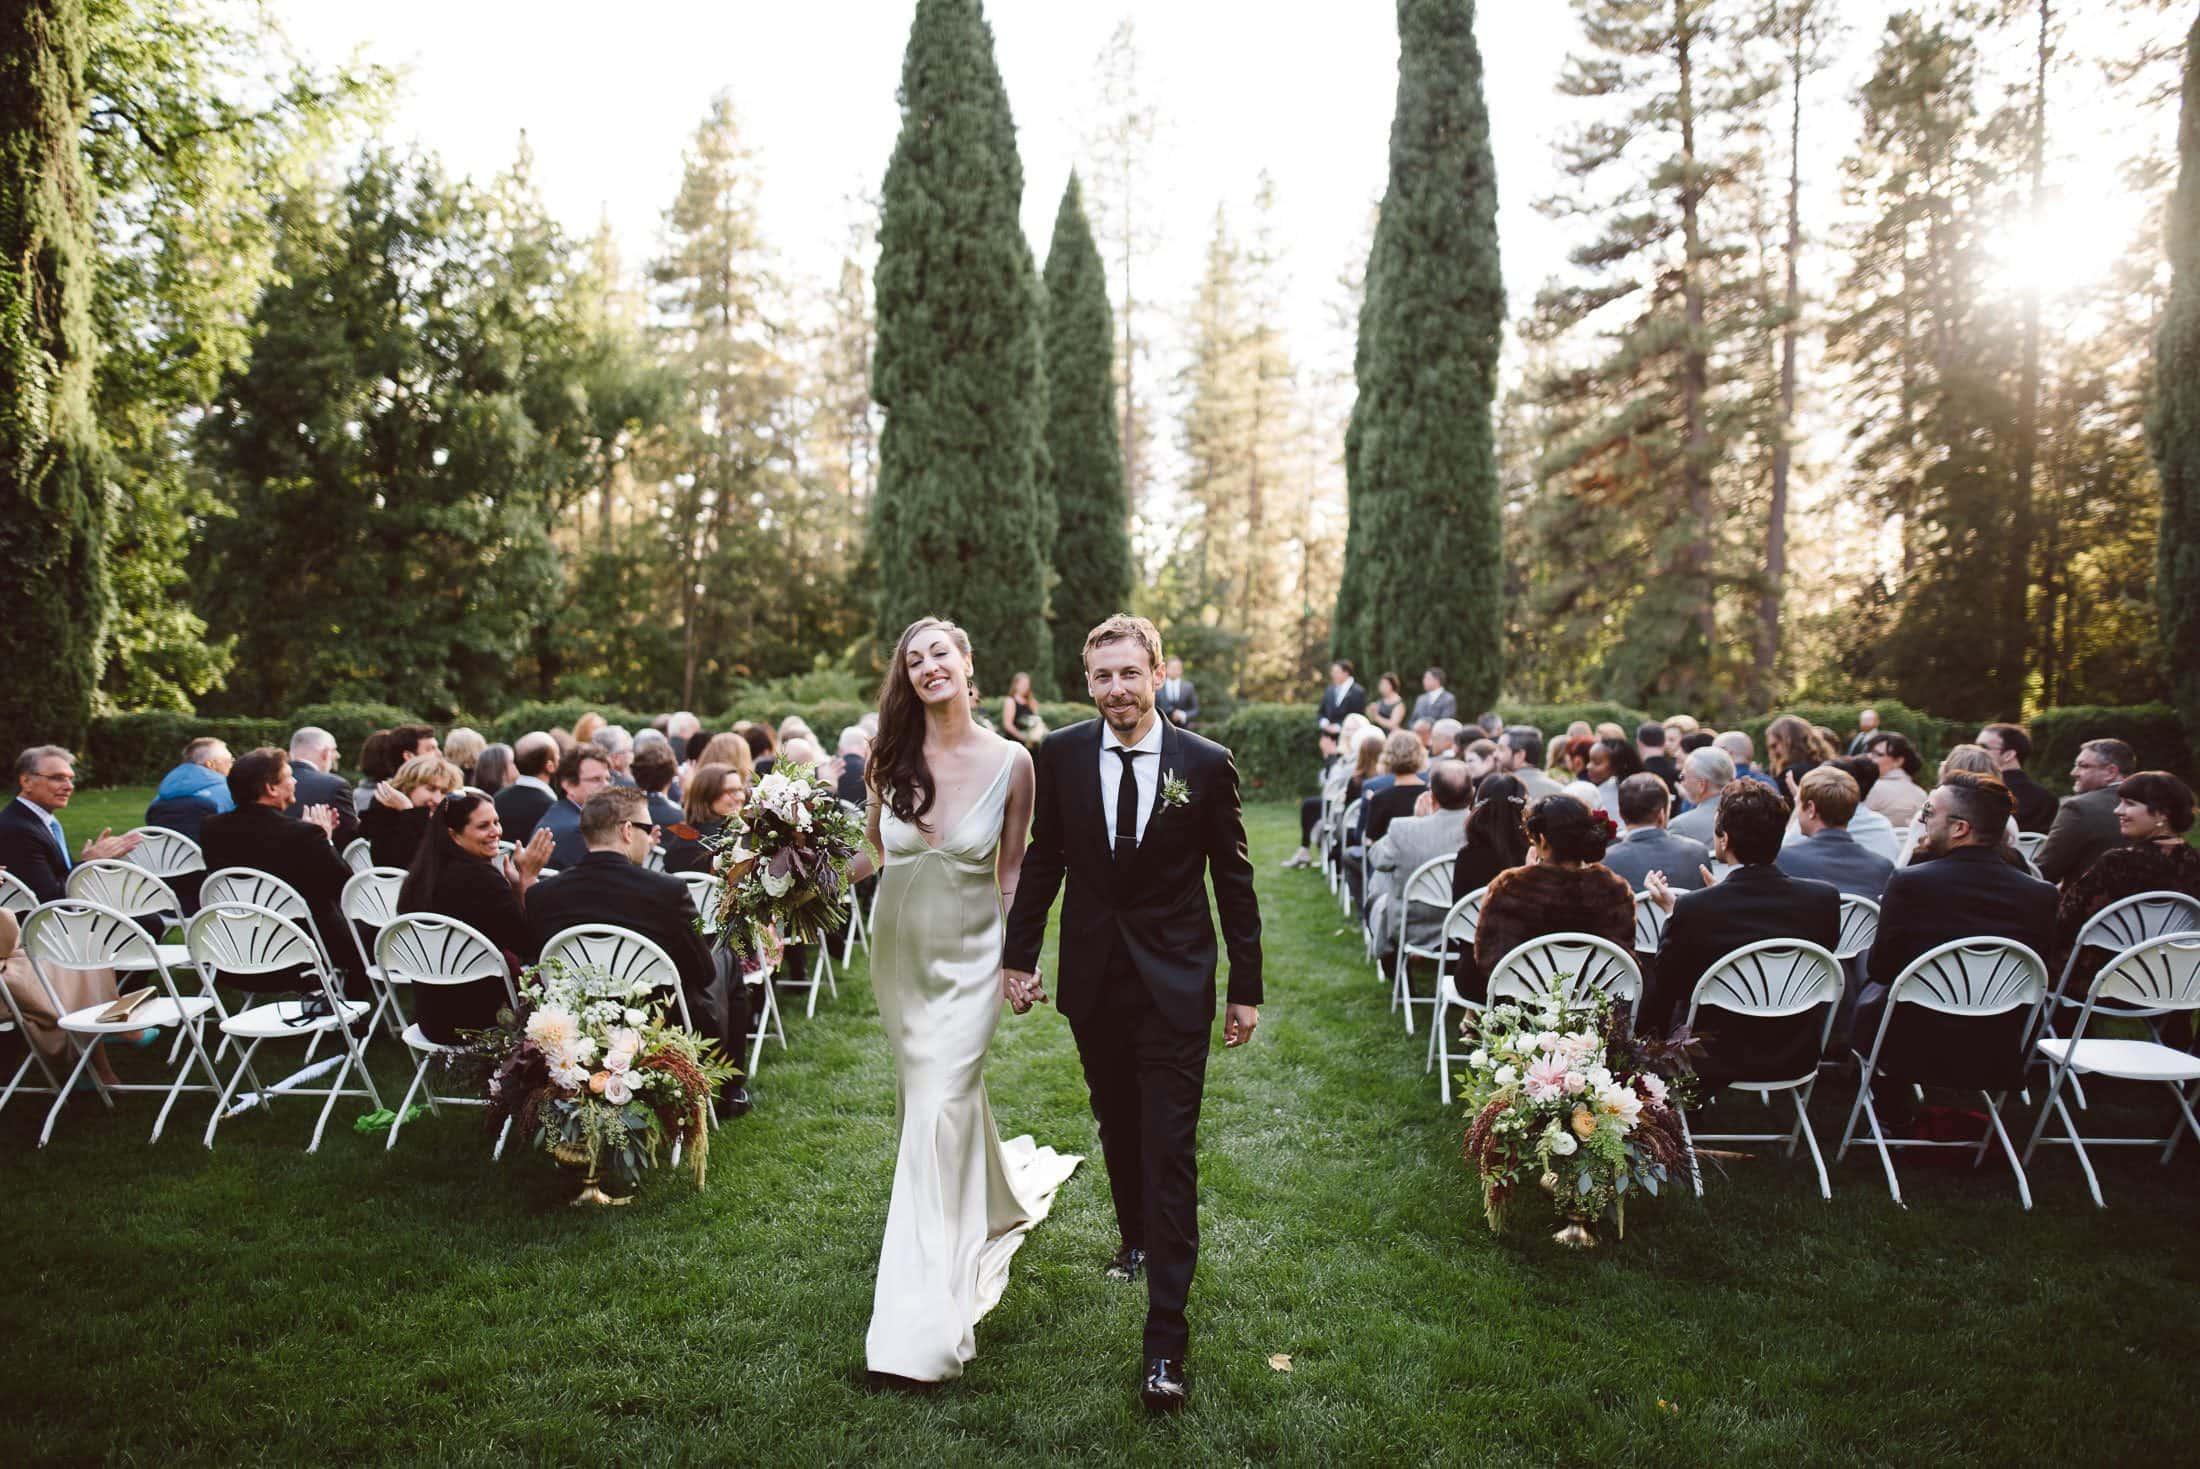 Empire Mine Wedding Ceremony